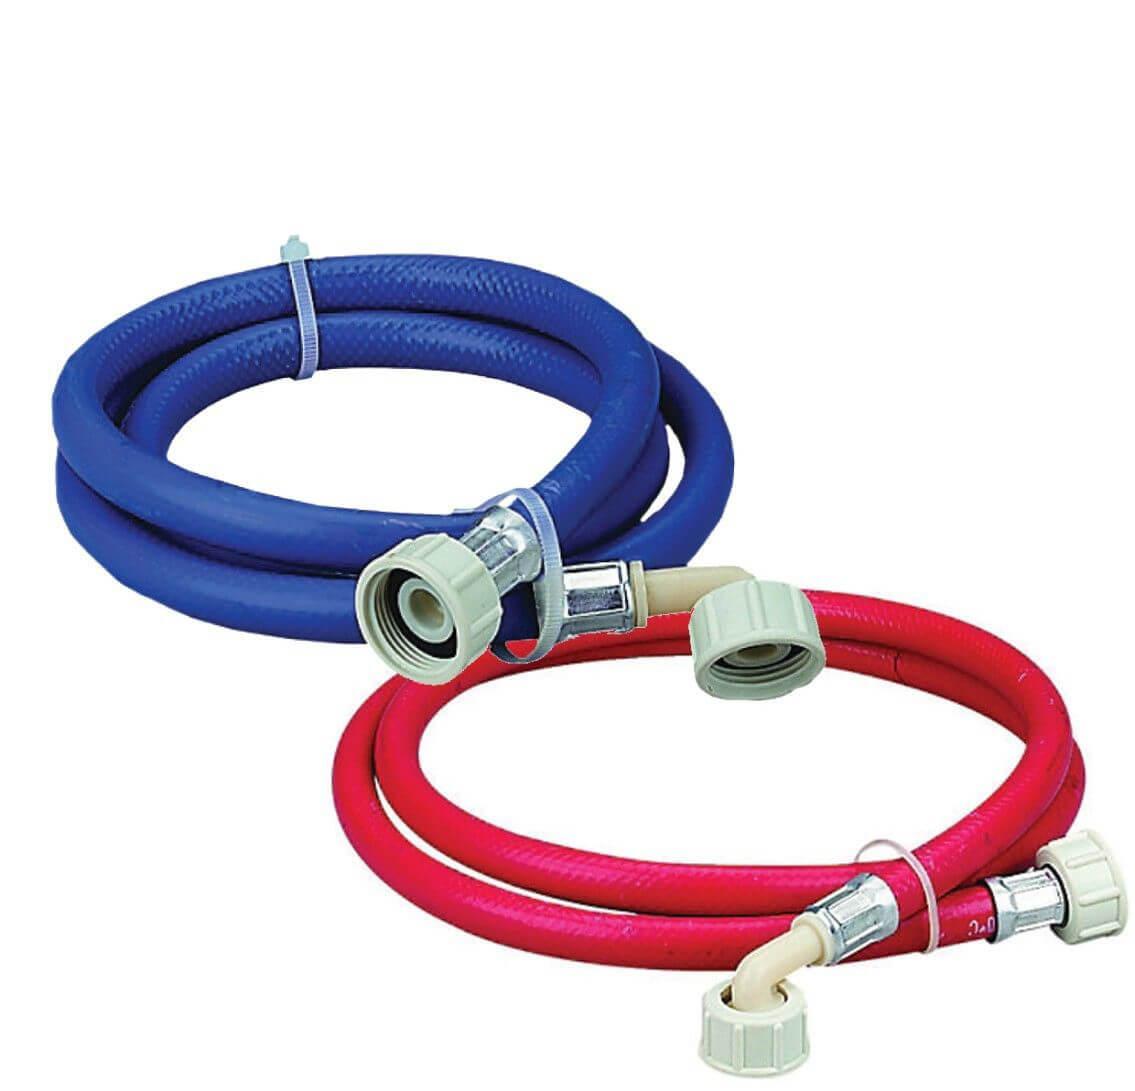 Universal washing machine dishwasher inlet pipe water pipe fittings original